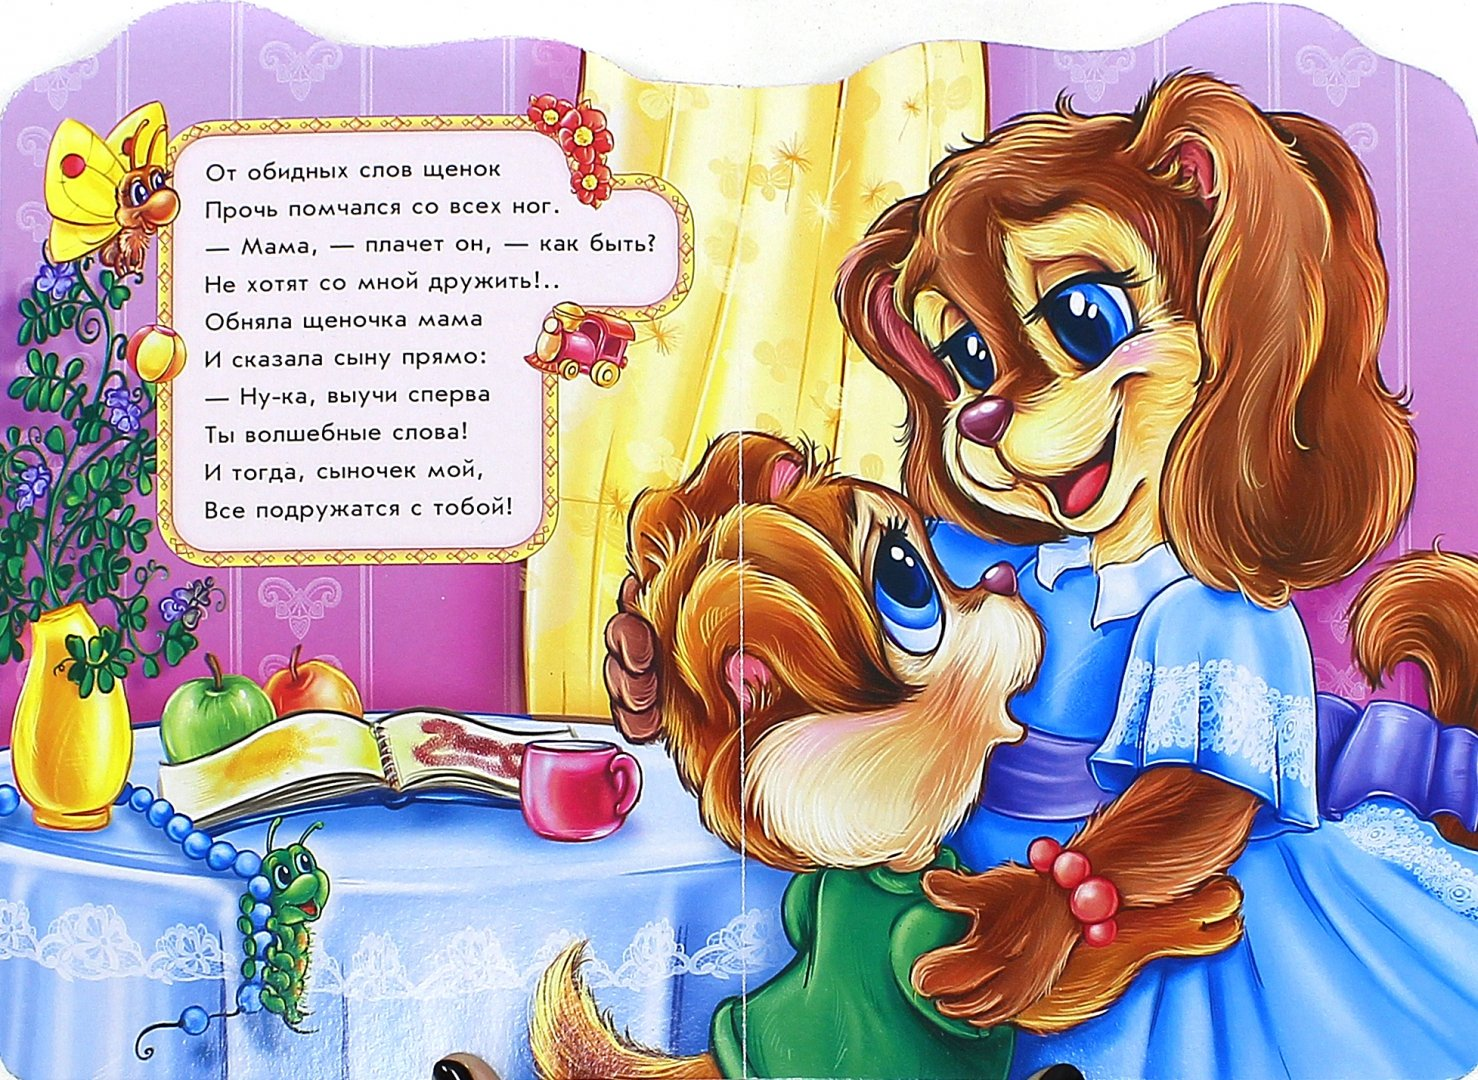 Иллюстрация 1 из 6 для Волшебные слова - Ирина Солнышко | Лабиринт - книги. Источник: Лабиринт